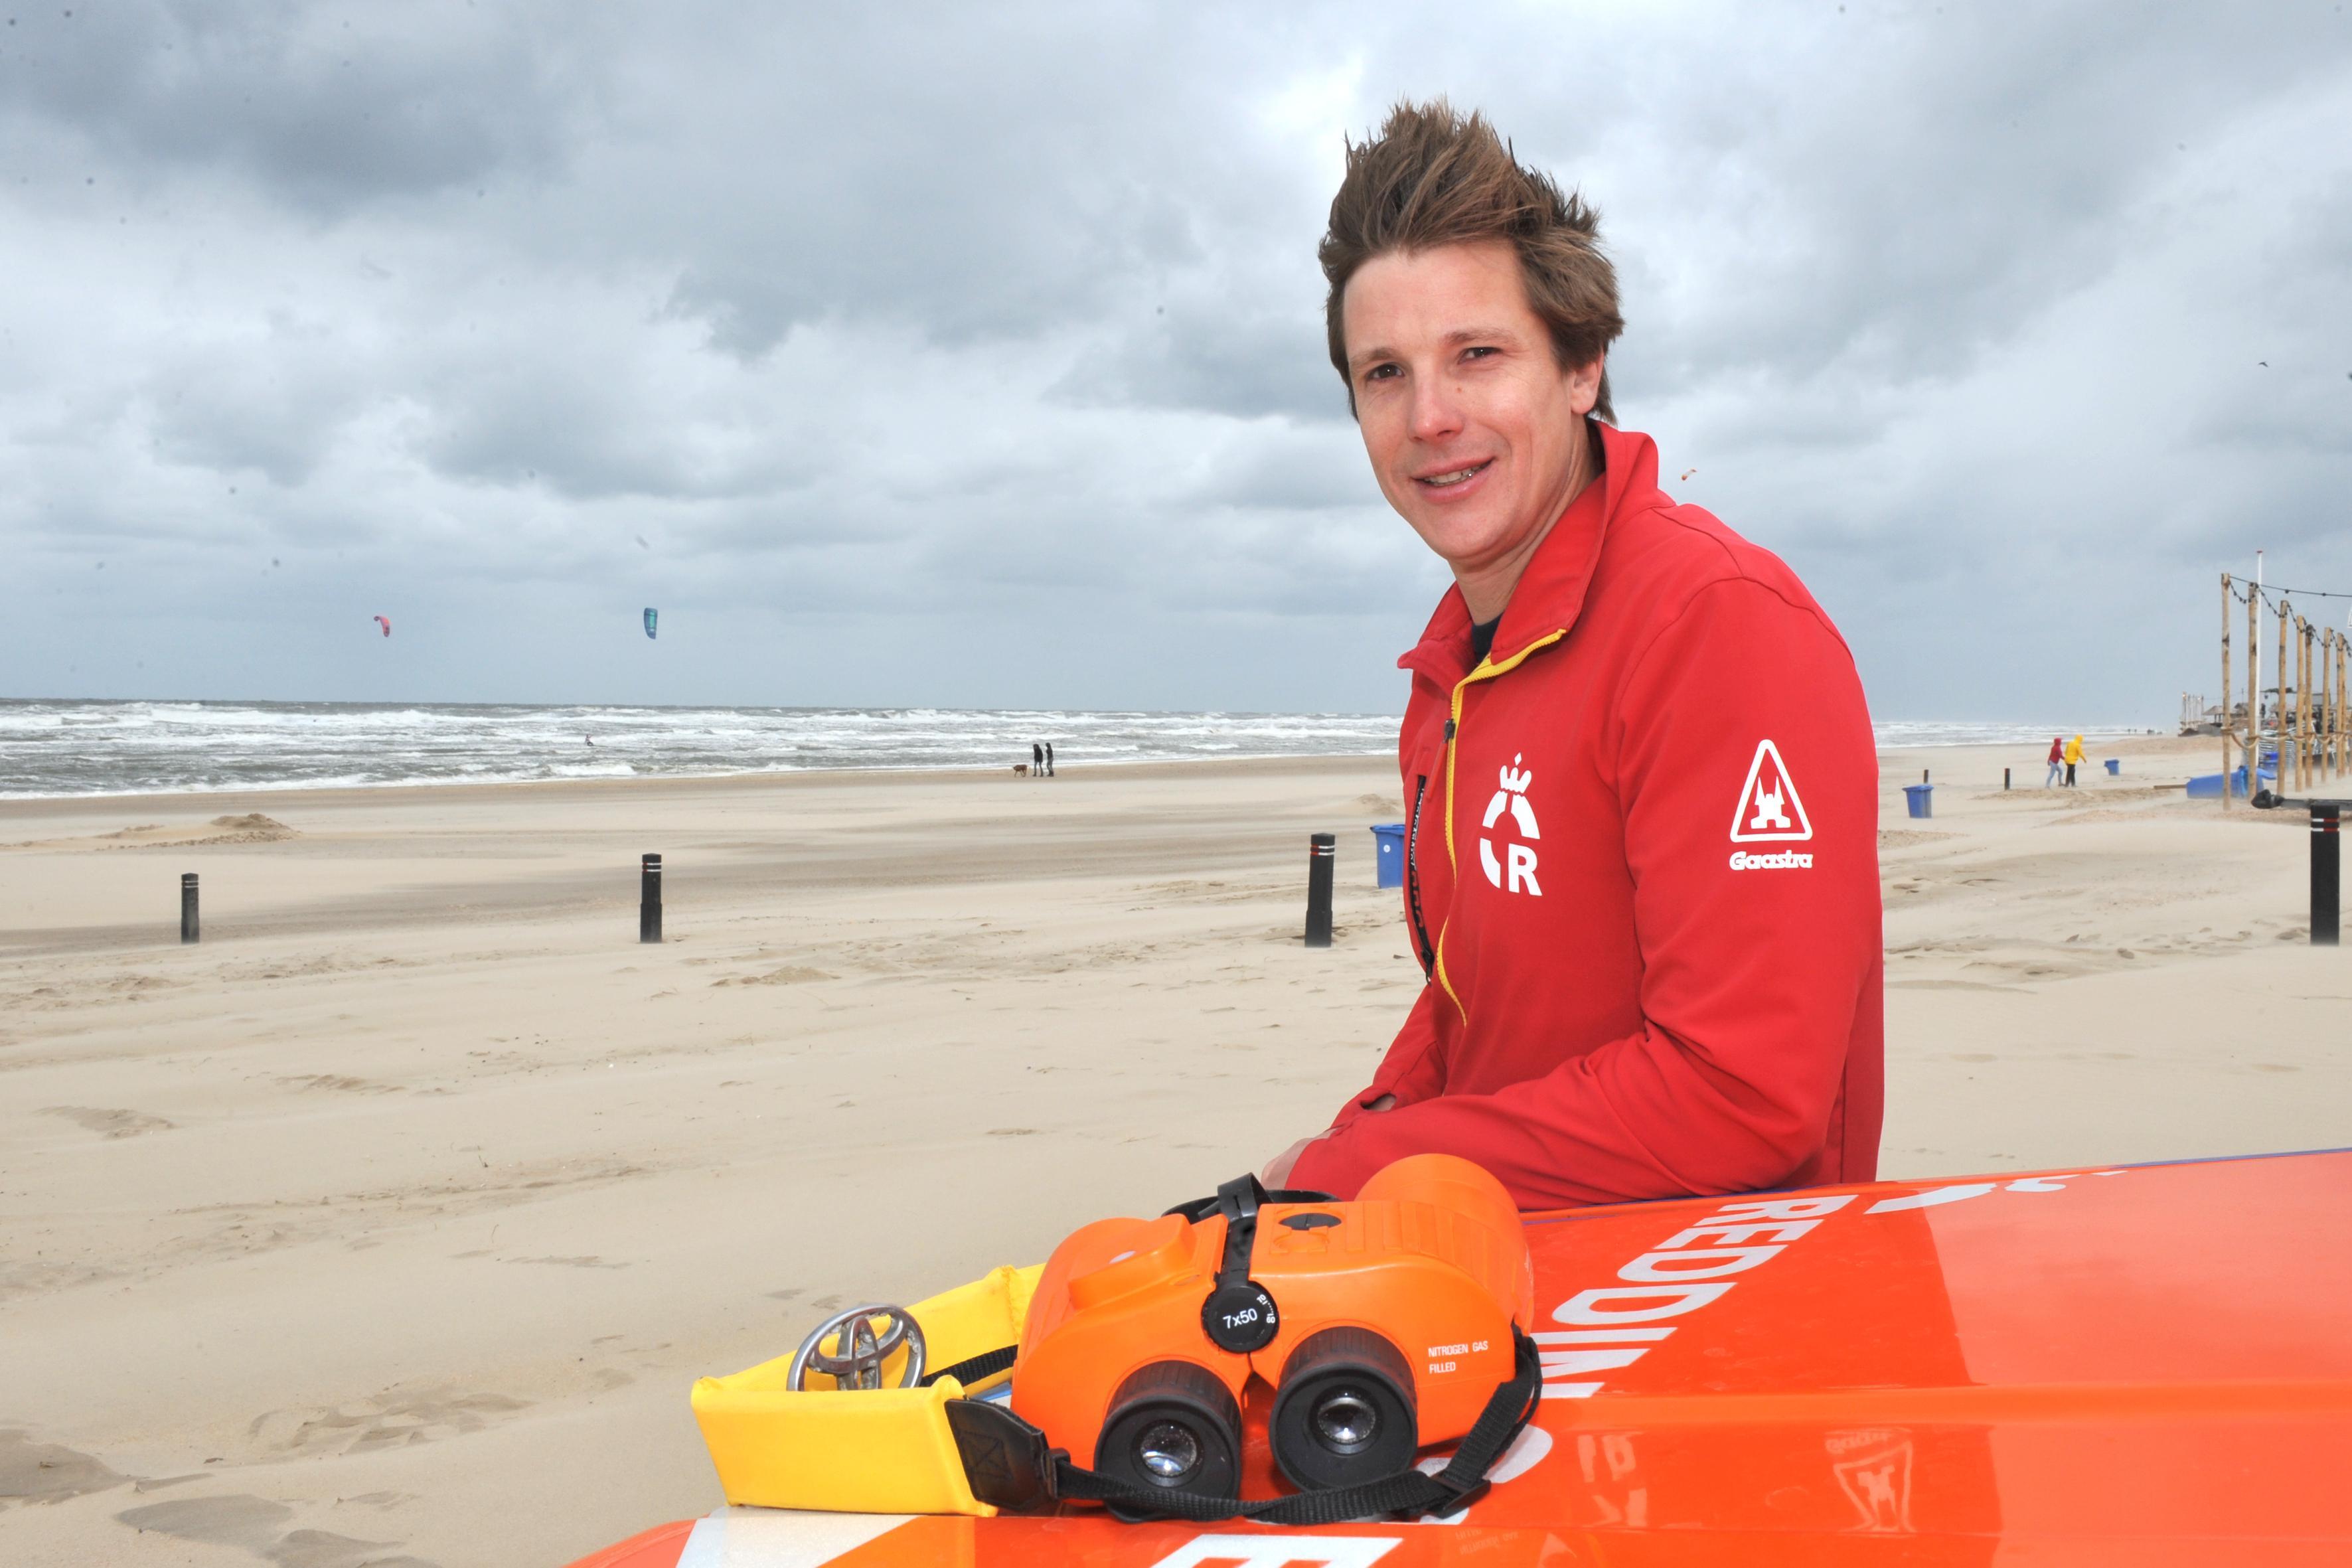 Reddingsbrigades in Castricum en IJmuiden aan Zee maken zich op voor zomerseizoen